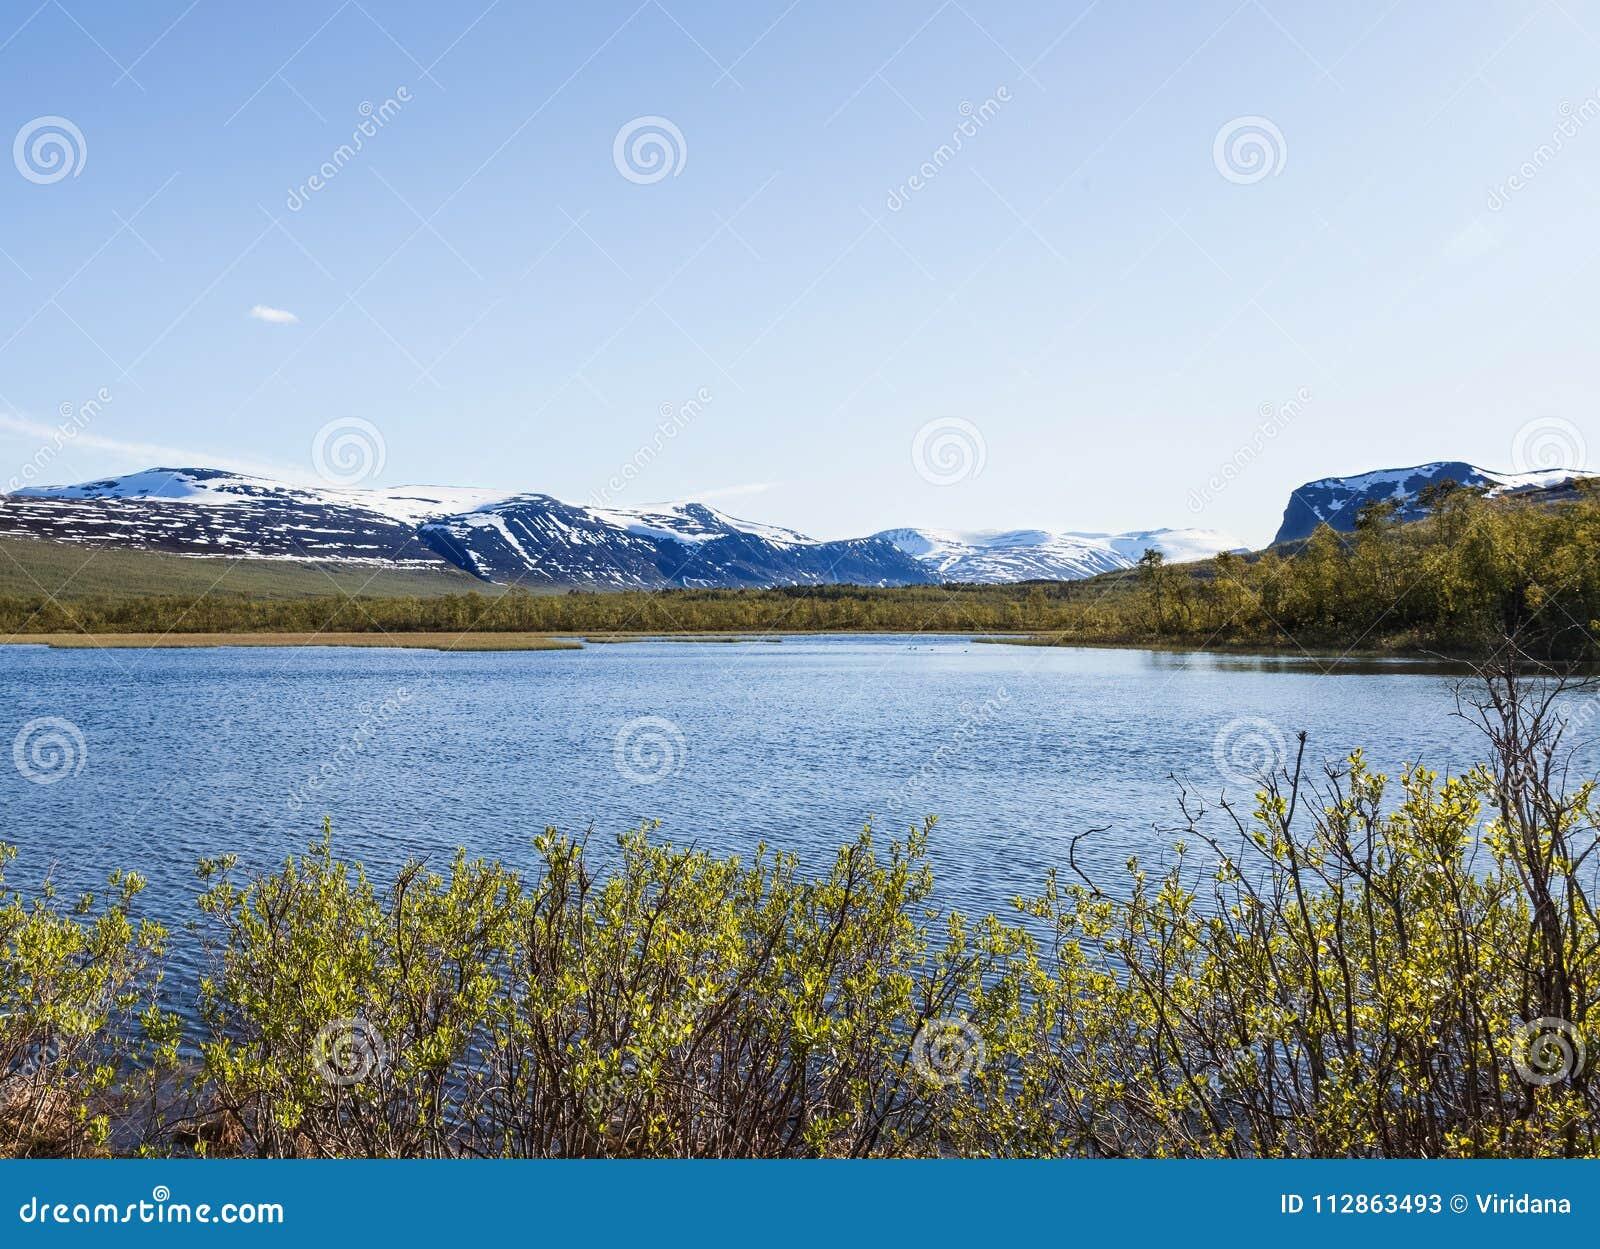 Mening van Nikkaloukta naar de hoogste bergketen van Zweden ` s met Kebnekaise als hoogste piek